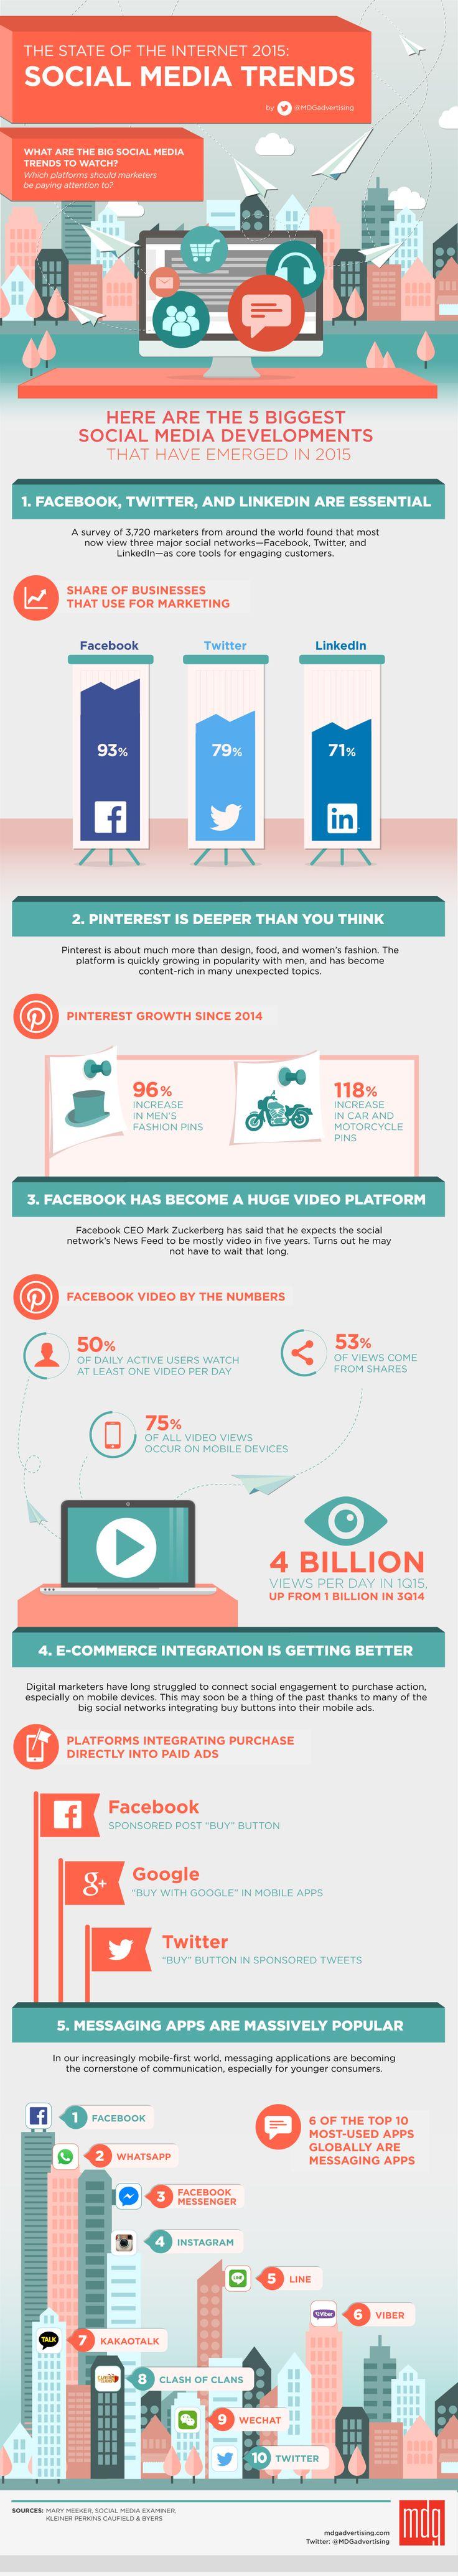 El social media se ha convertido en semillero de técnicas y estrategias que permiten a los profesionales de marketing comunicarse con los usuarios y posicionar marcas de manera más efectiva. Lo interesante es aprender a reconocer tendencias, aprovecharlas y evolucionar al mismo ritmo que lo hacen las personas